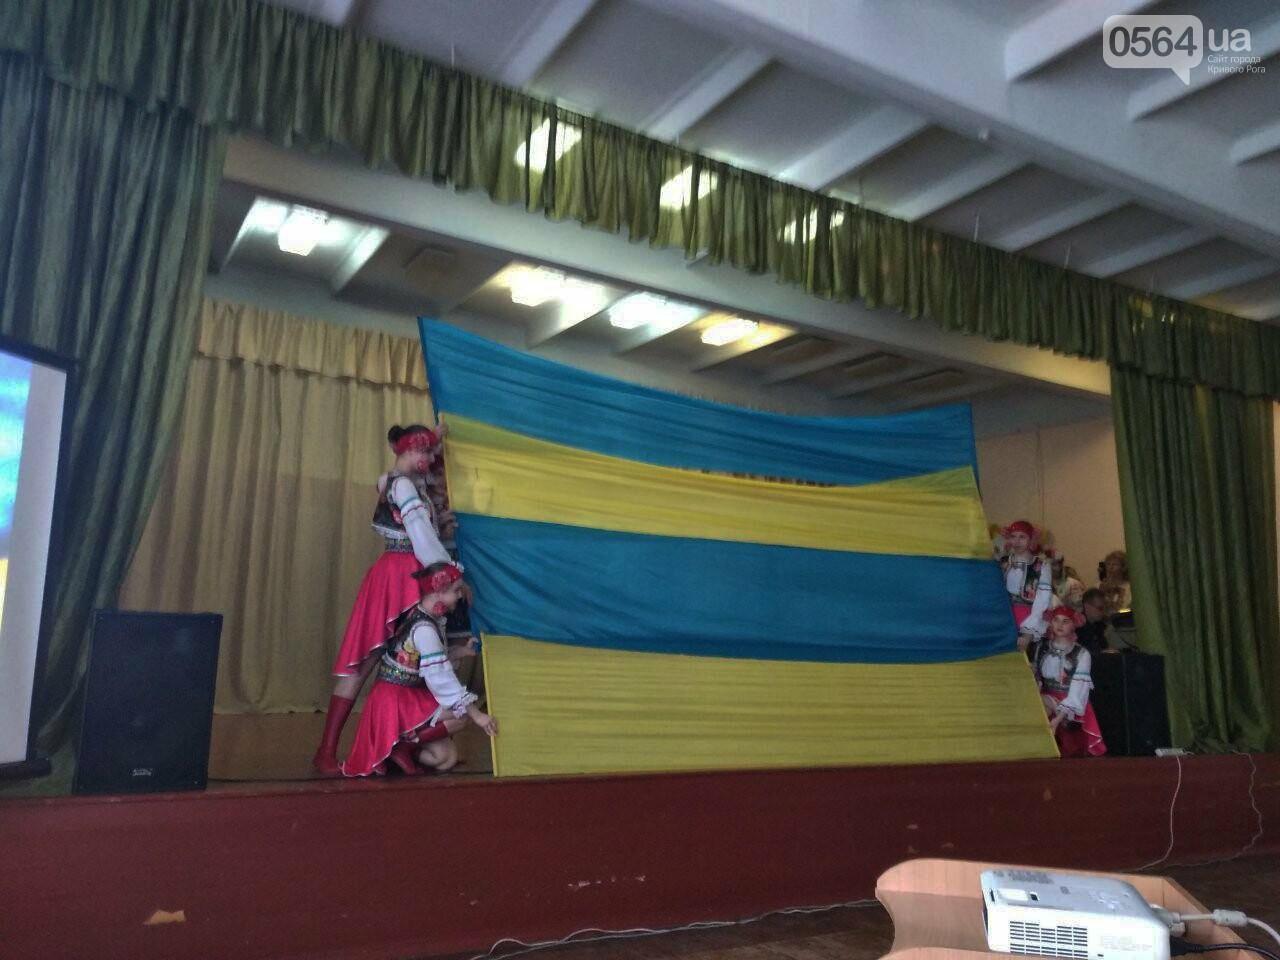 Криворожские школьники провели благотворительный концерт в поддержку бойцов АТО (ФОТО), фото-22